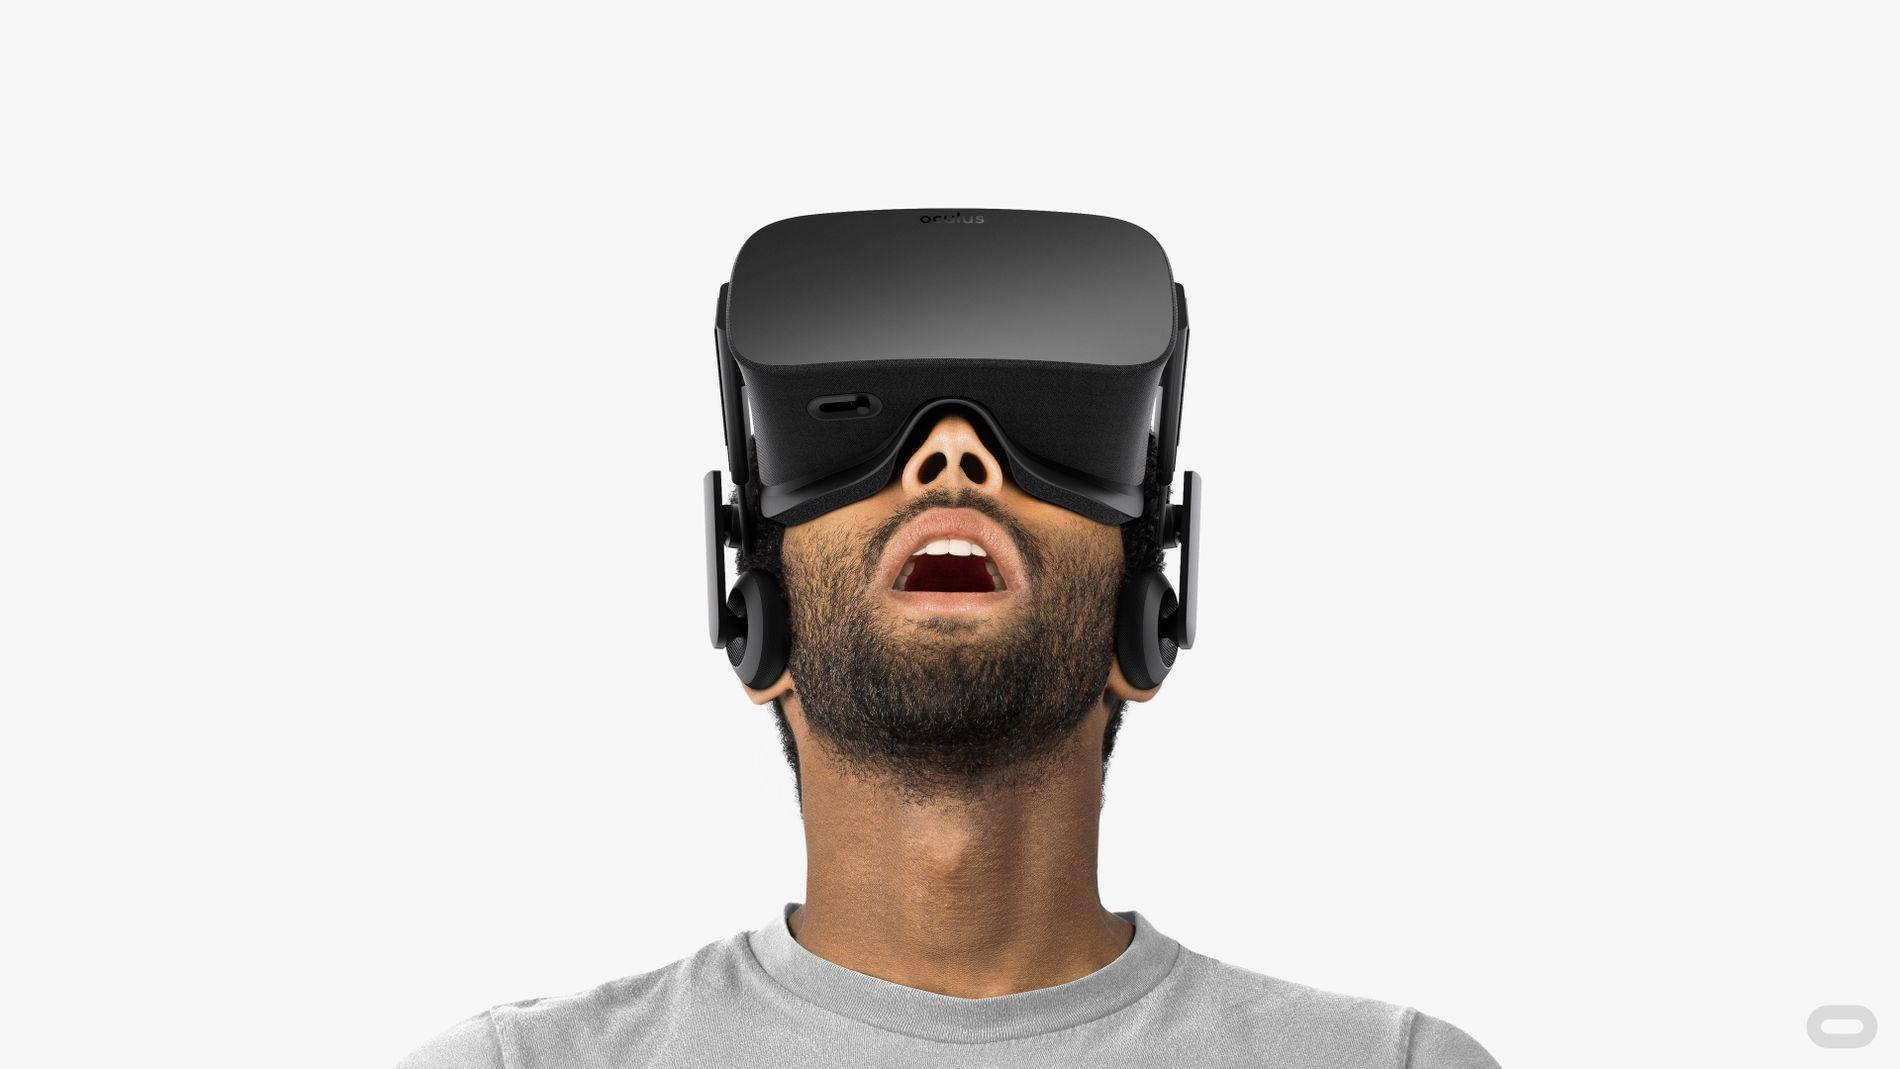 Kommende VR-løsninger som Oculus Rift trenger kraftig maskinvare!